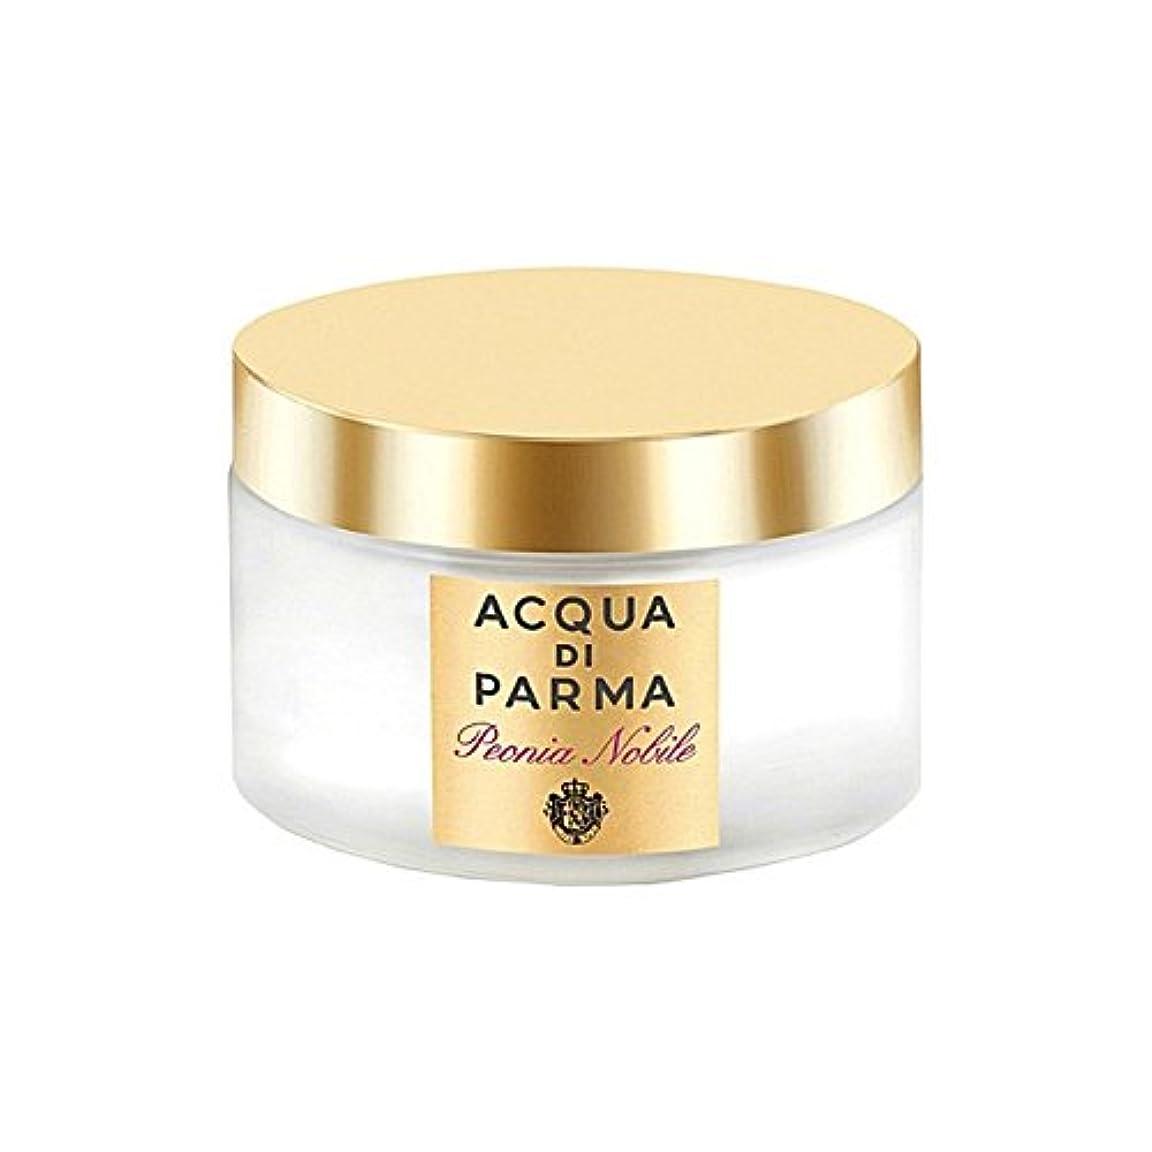 するティーンエイジャーショートカットAcqua Di Parma Peonia Nobile Body Cream 150ml (Pack of 6) - アクアディパルマノビレボディクリーム150ミリリットル x6 [並行輸入品]